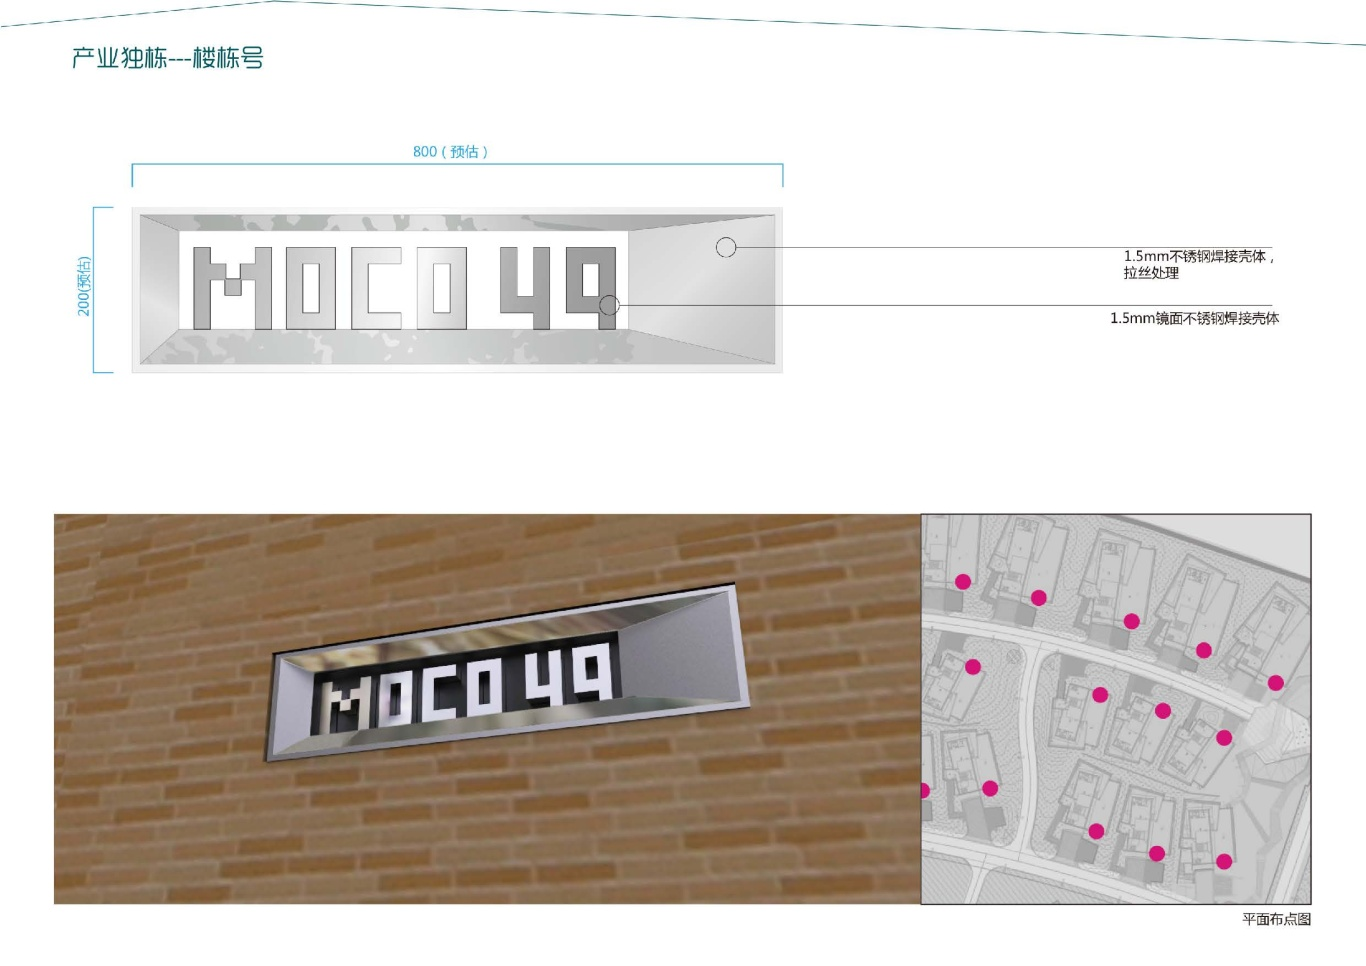 大连泰达慧谷开发区导视系统设计图31